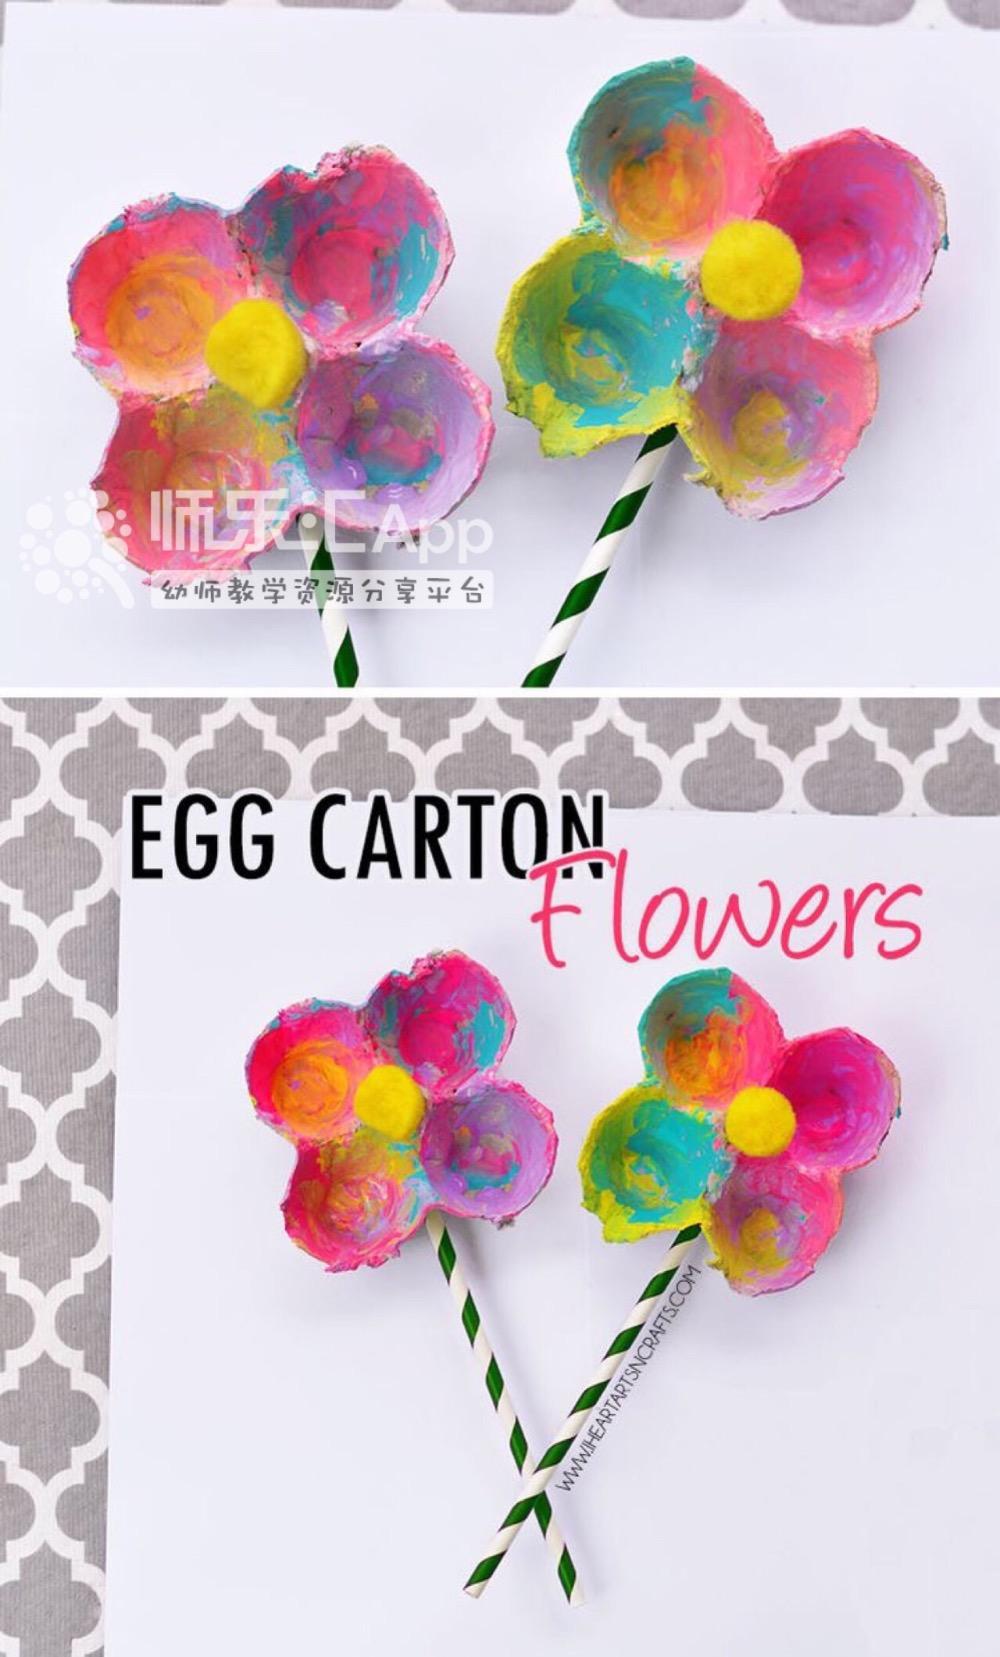 鸡蛋拖花朵手工